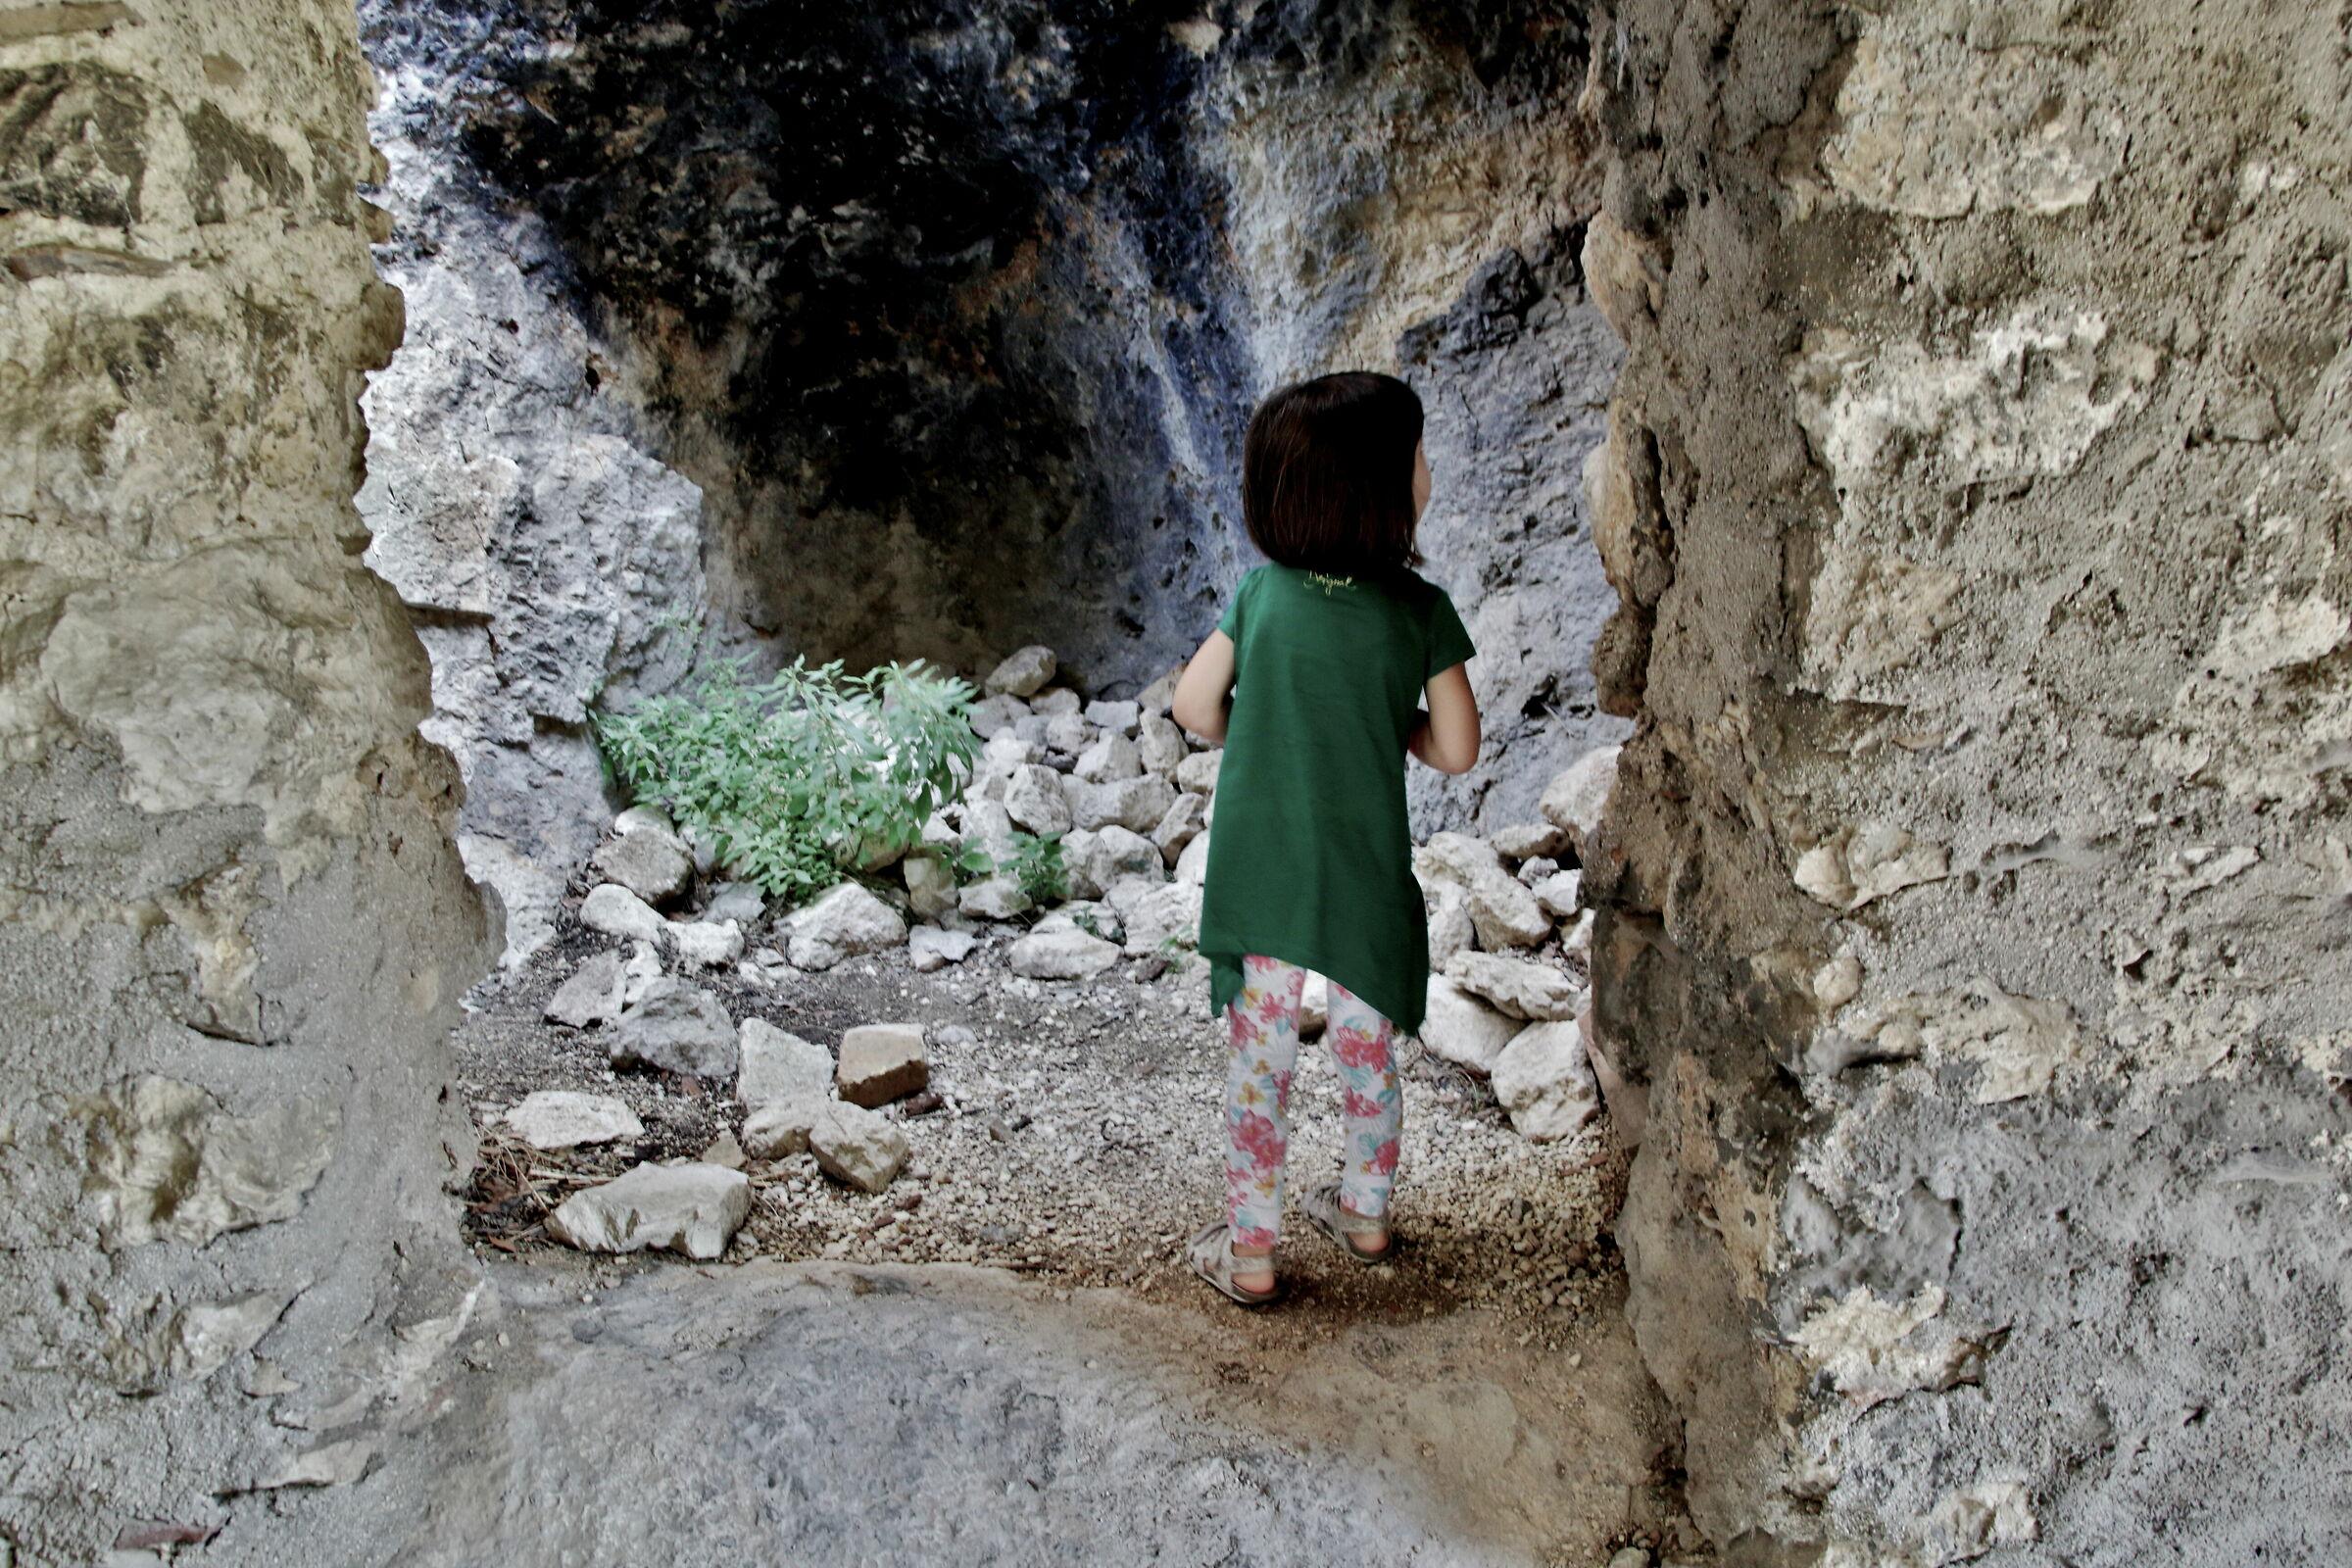 la piccola esploratrice...